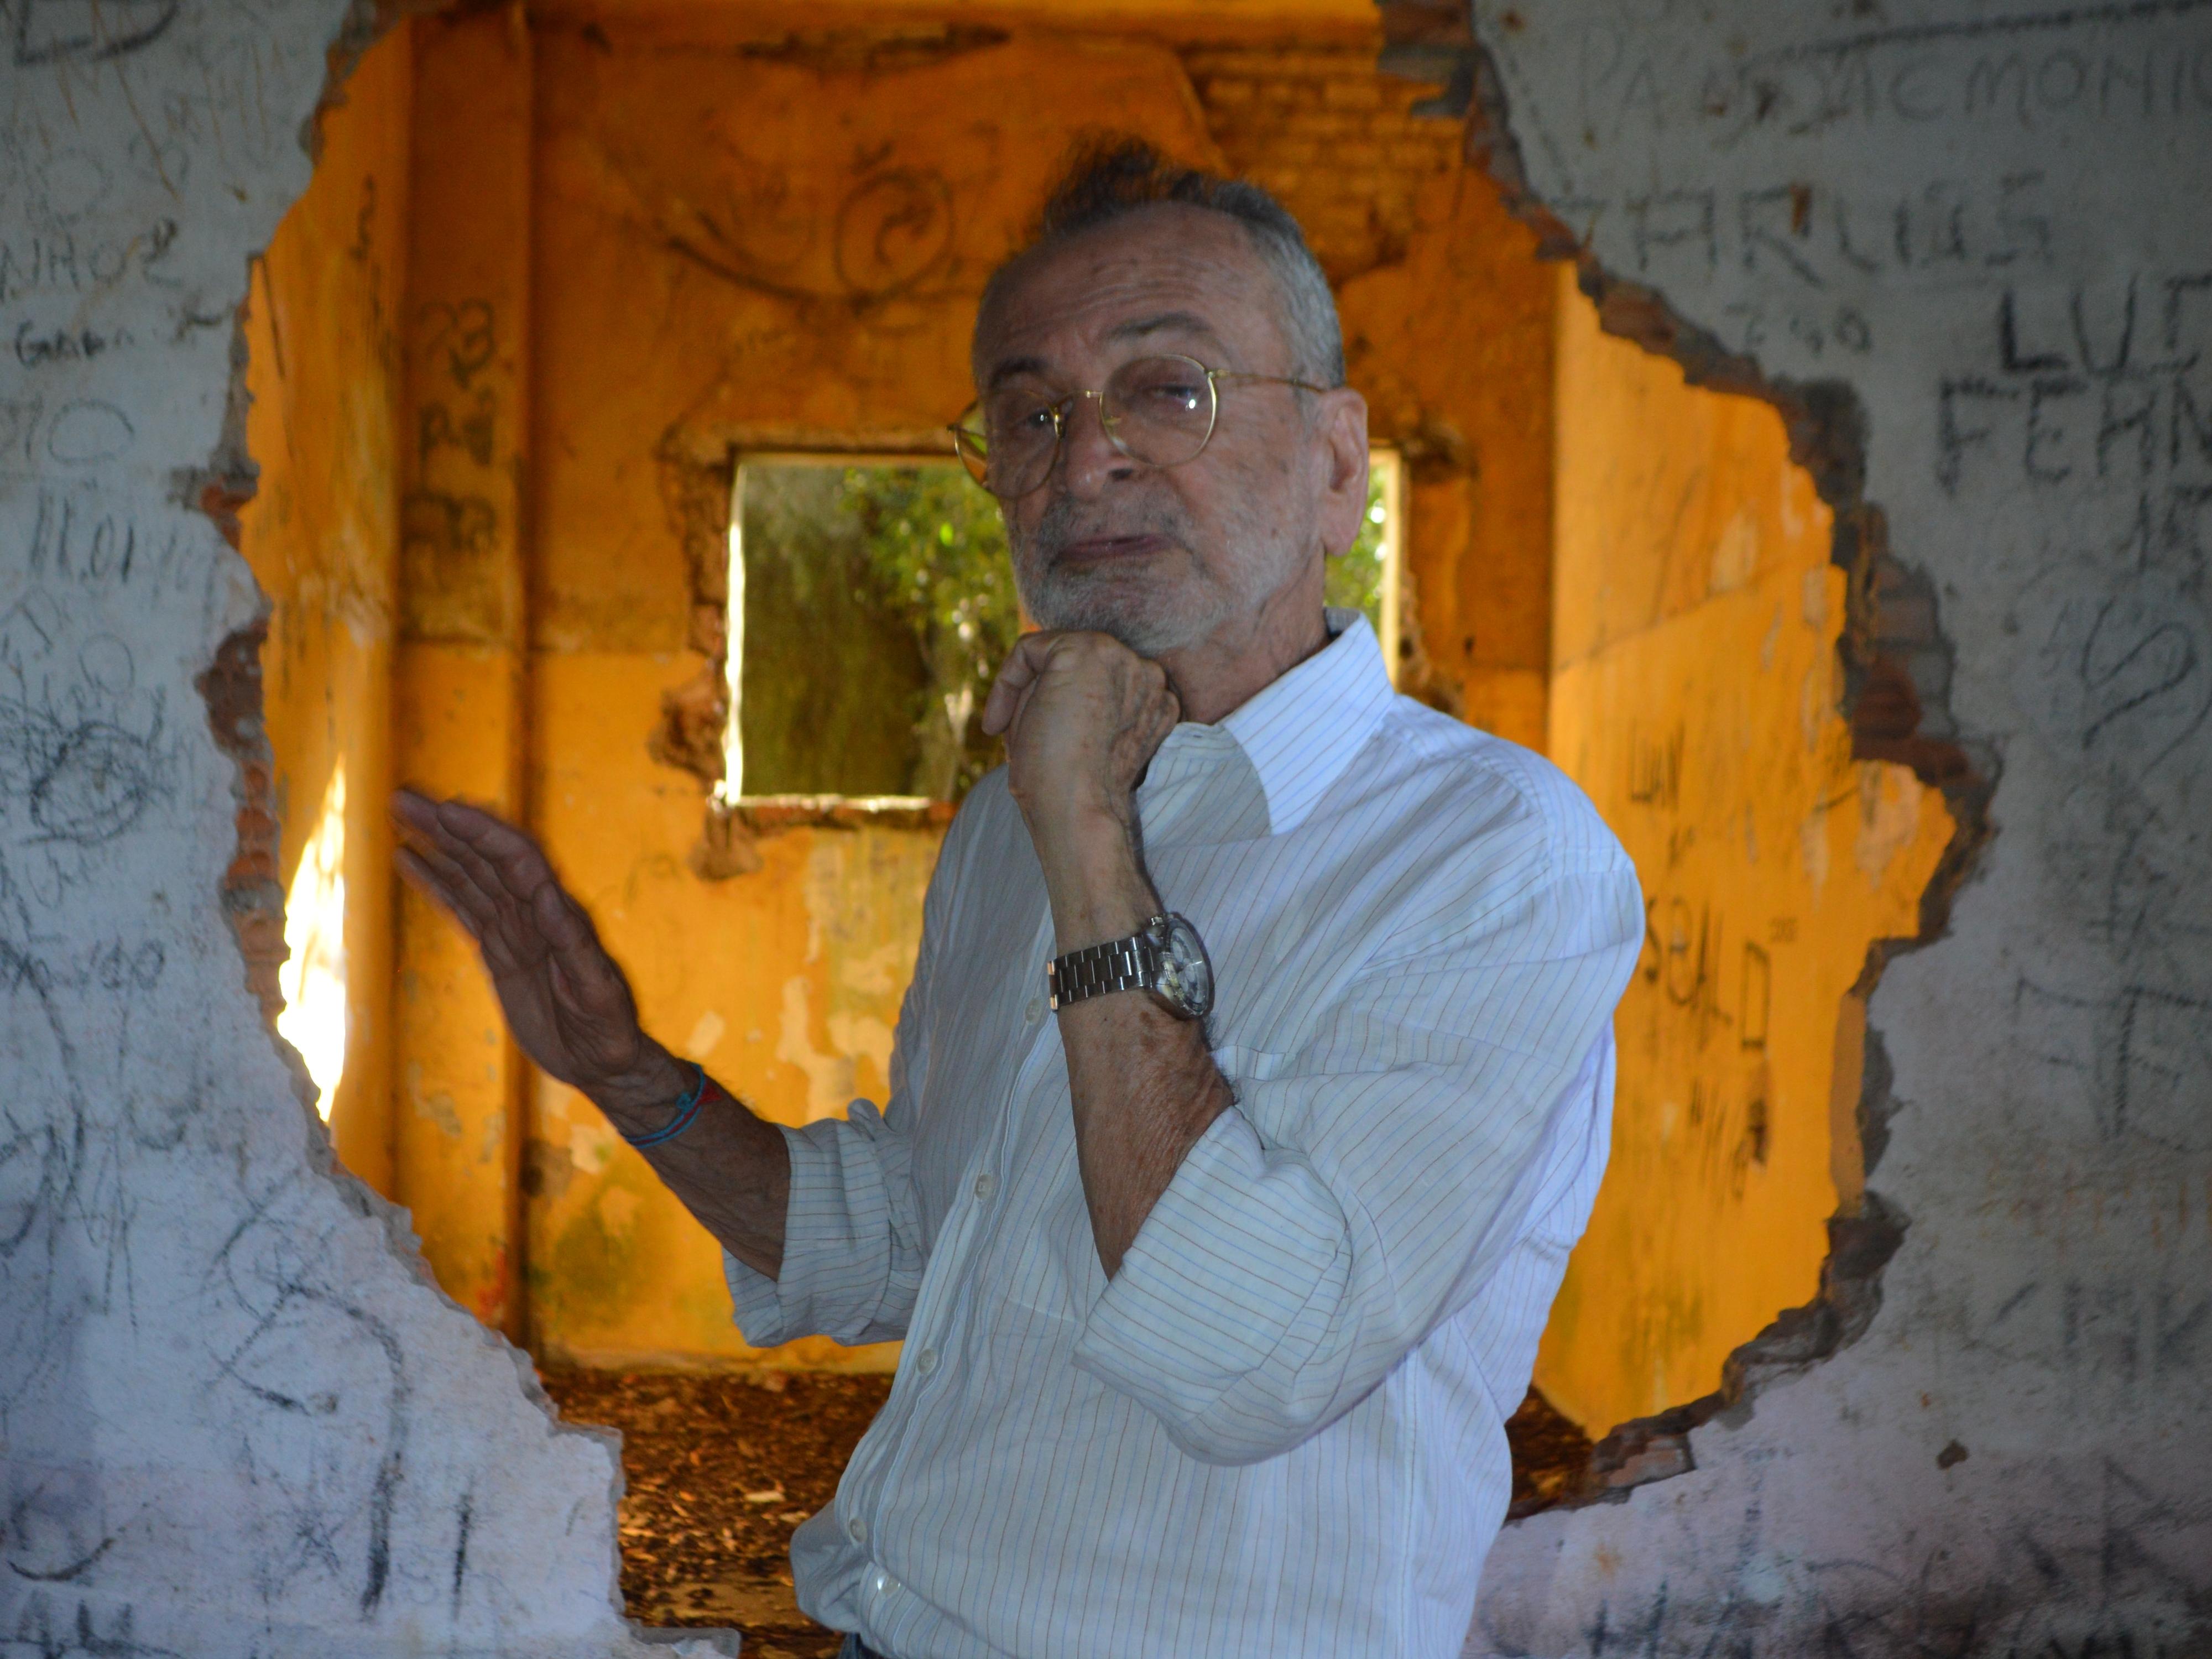 Pinheiro Salles na Ilha do Presídio: jornalista segura a mandíbula, destroçada pelas sessões de tortura a que foi submetido.